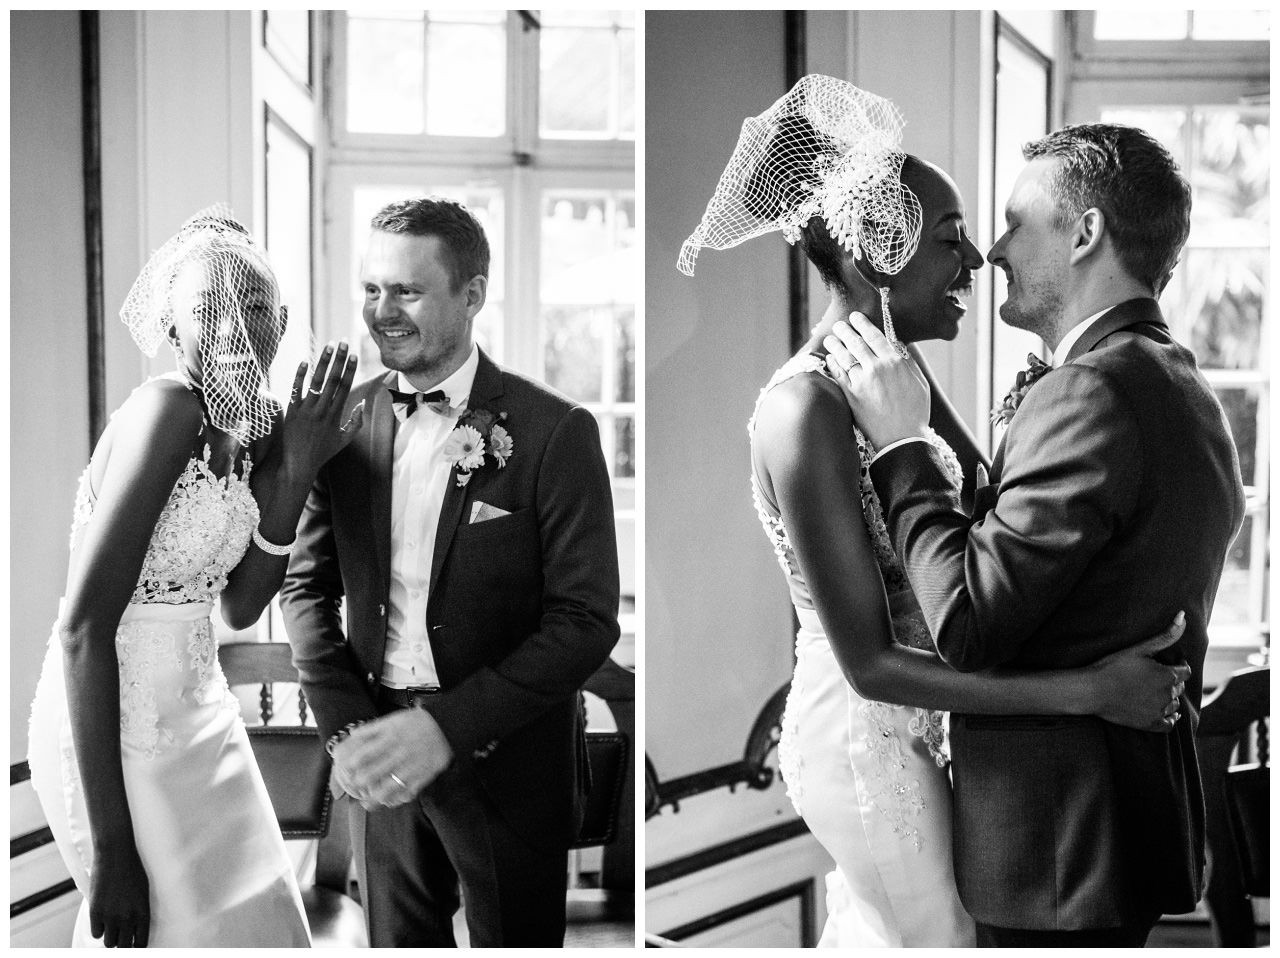 Hochzeitzskuss Braut und Bräutigam vor dem Altar.